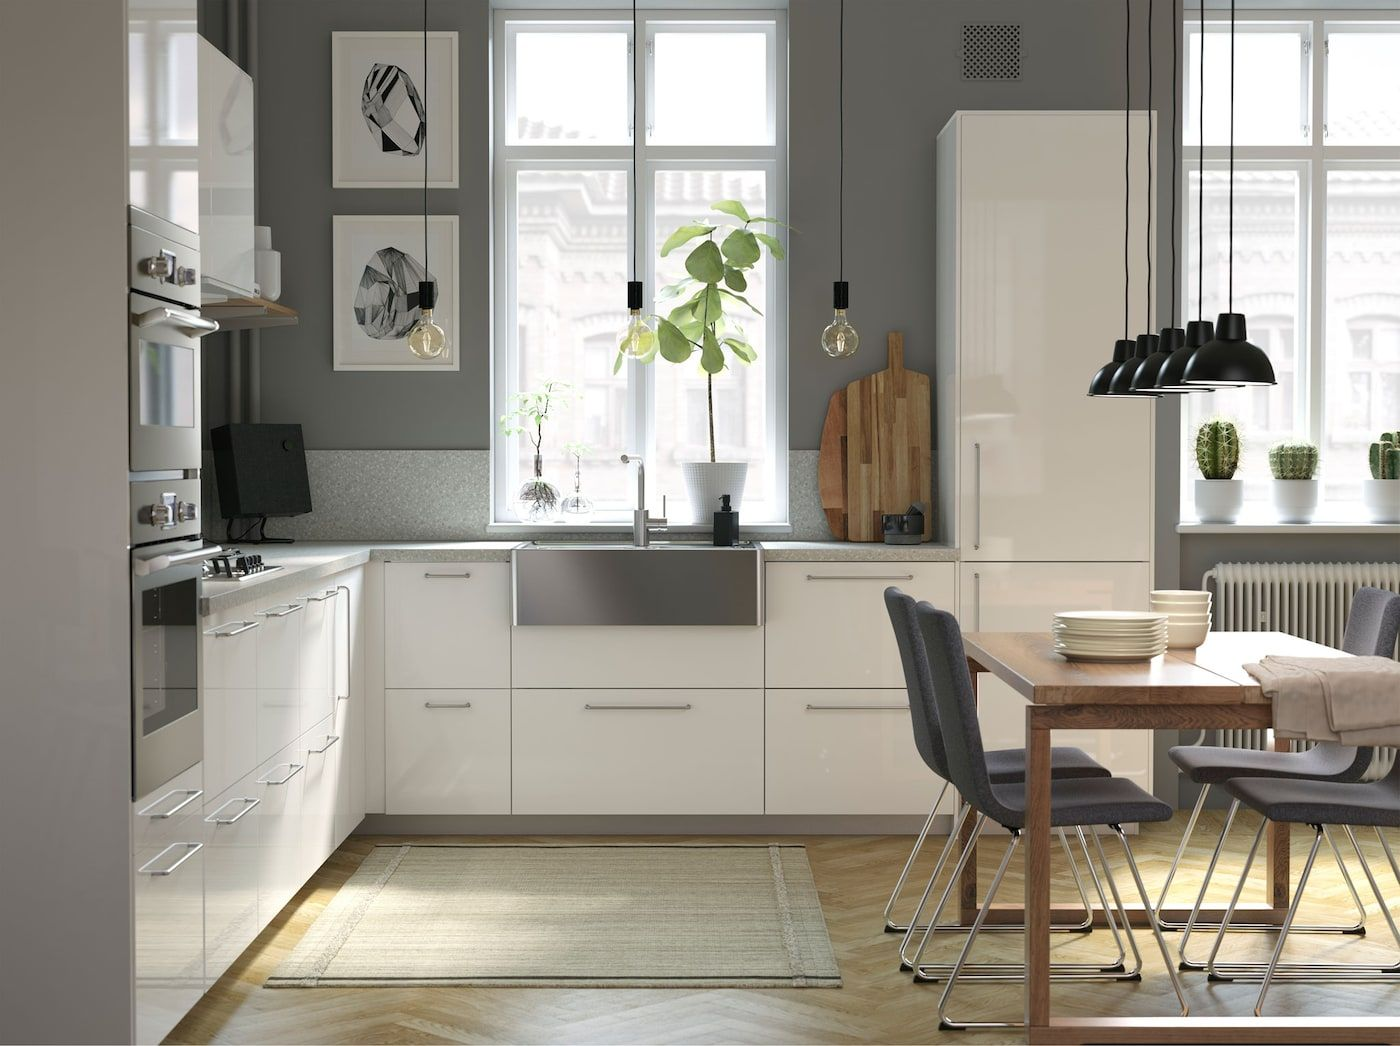 A Contemporary And Spacious Kitchen Kuchen Mobel Ikea Kuche Kuchenmobel